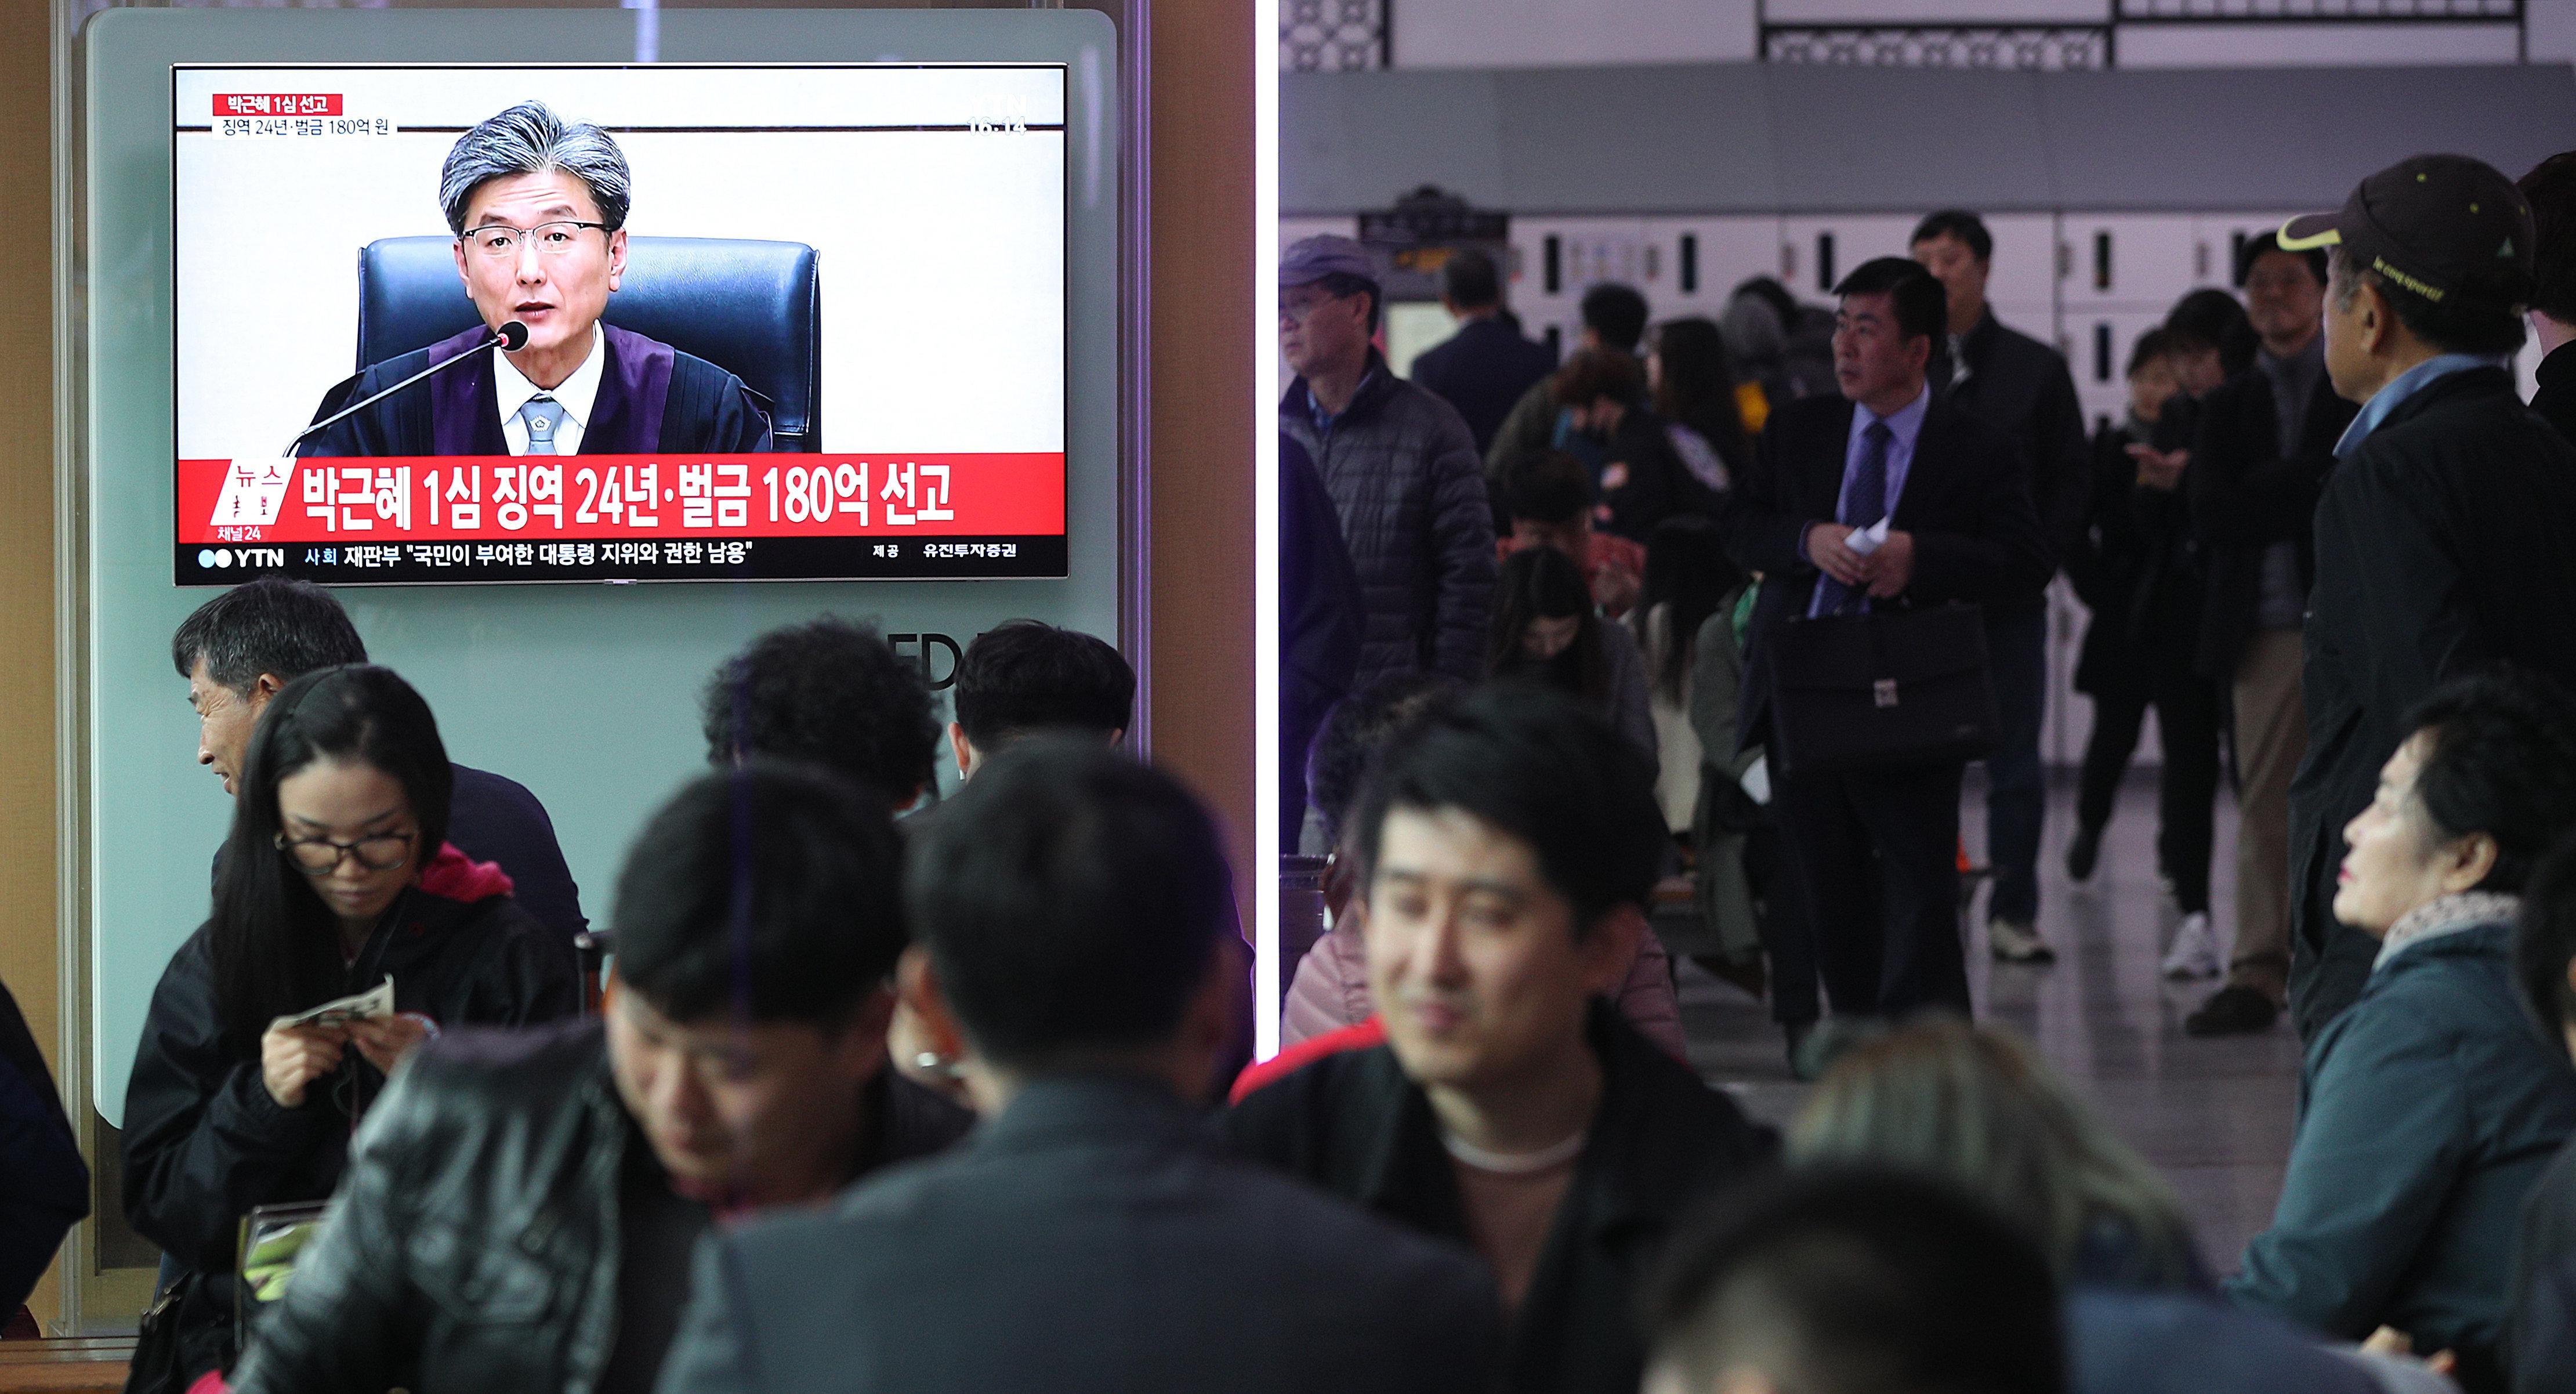 박근혜 1심 재판부가 밝힌 '징역 24년형'을 내린 이유(전문)